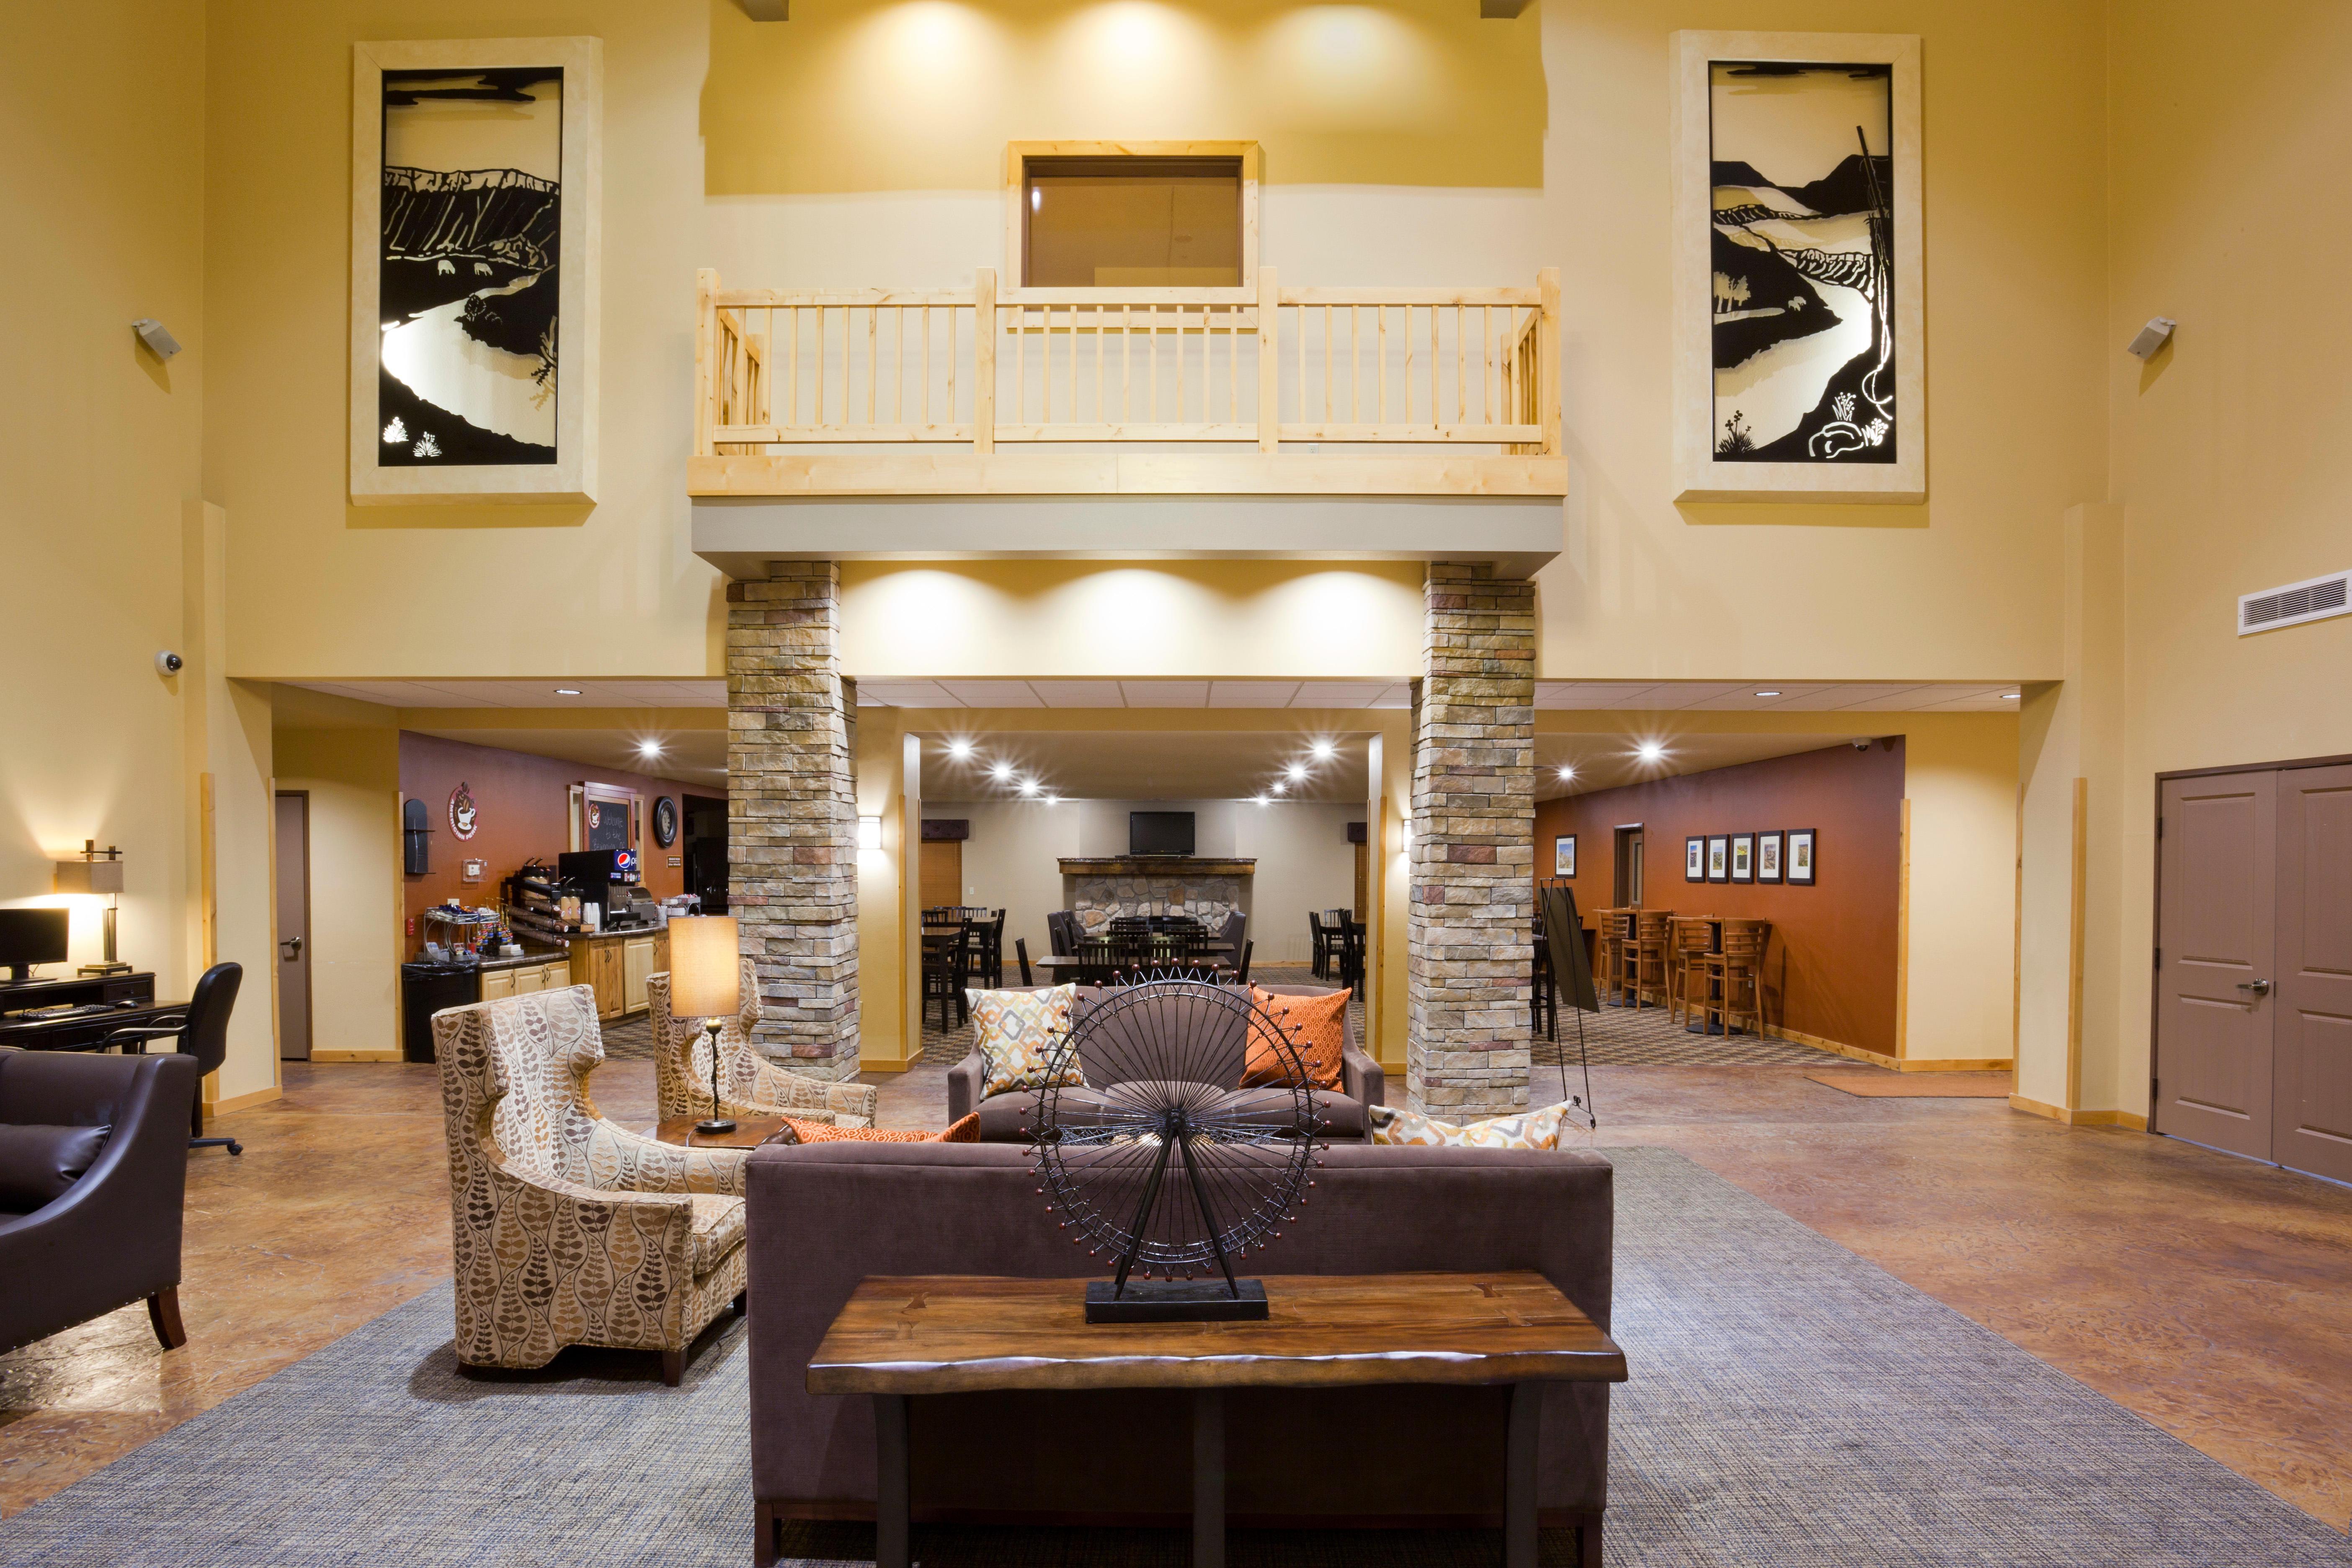 AmericInn by Wyndham Fargo South image 5